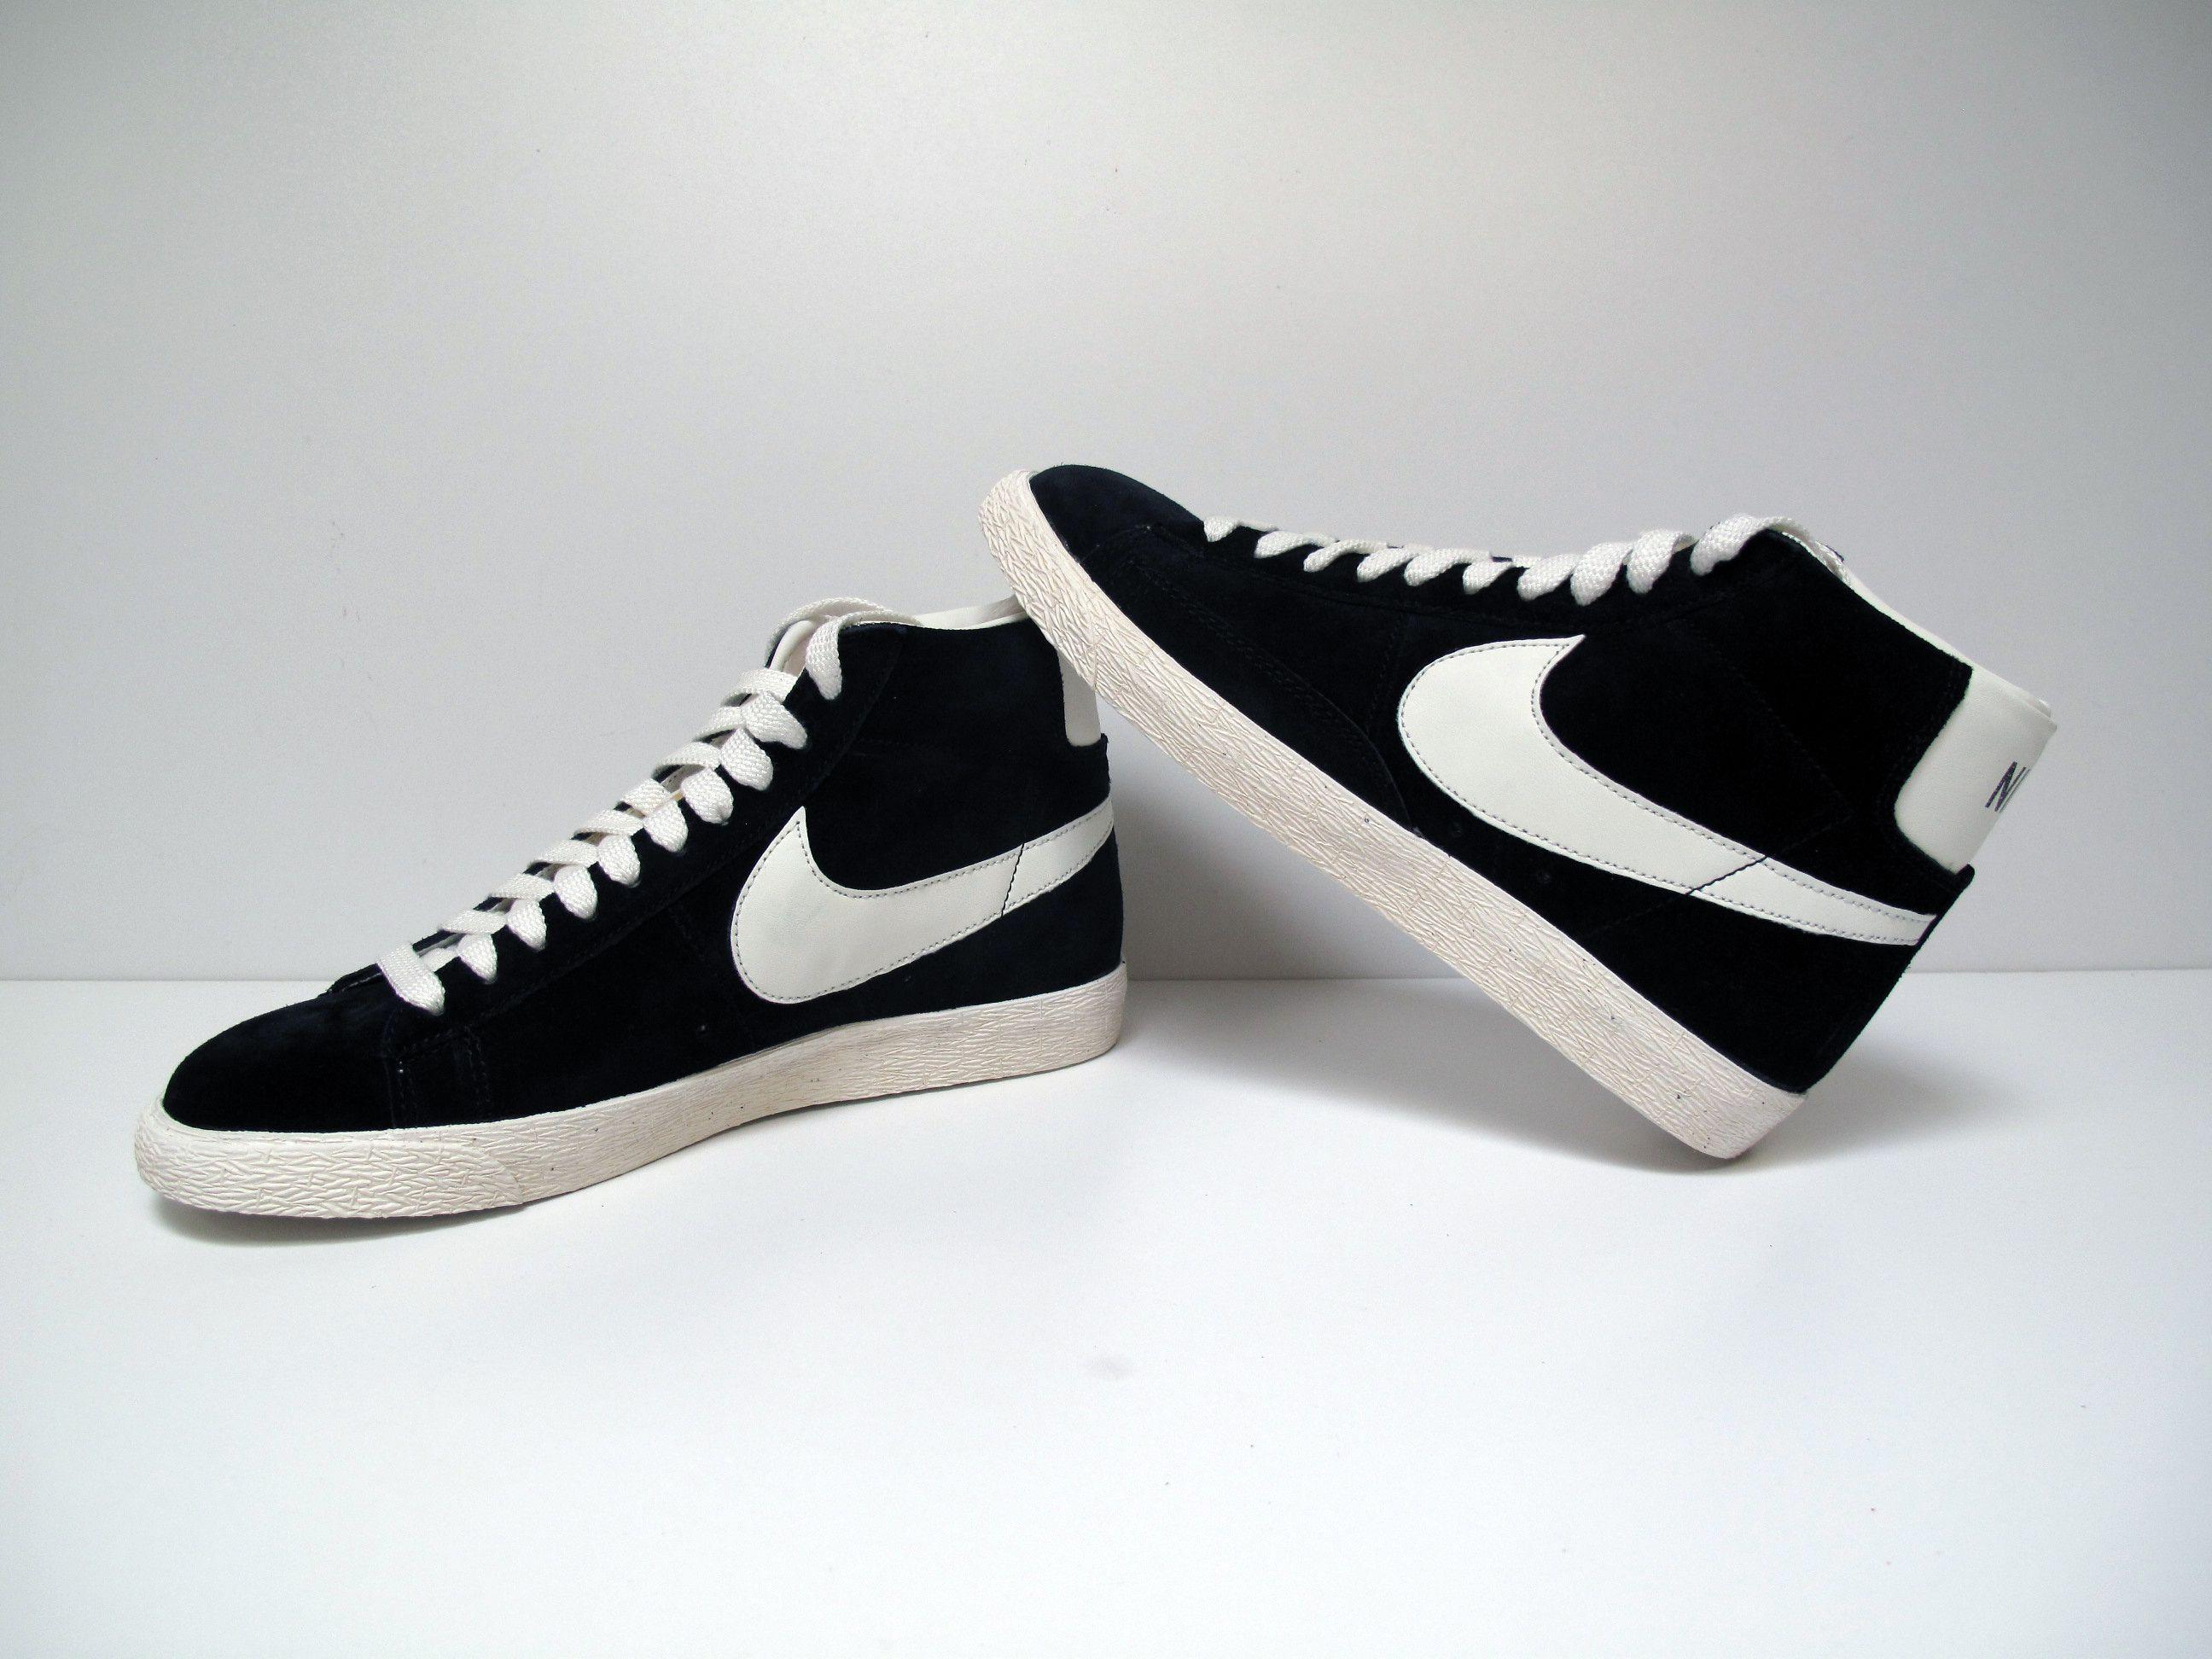 Blazer La Est Mid Nike Vintage Disponible Mythique High Maintenant nApBAxER 5c205325a612e